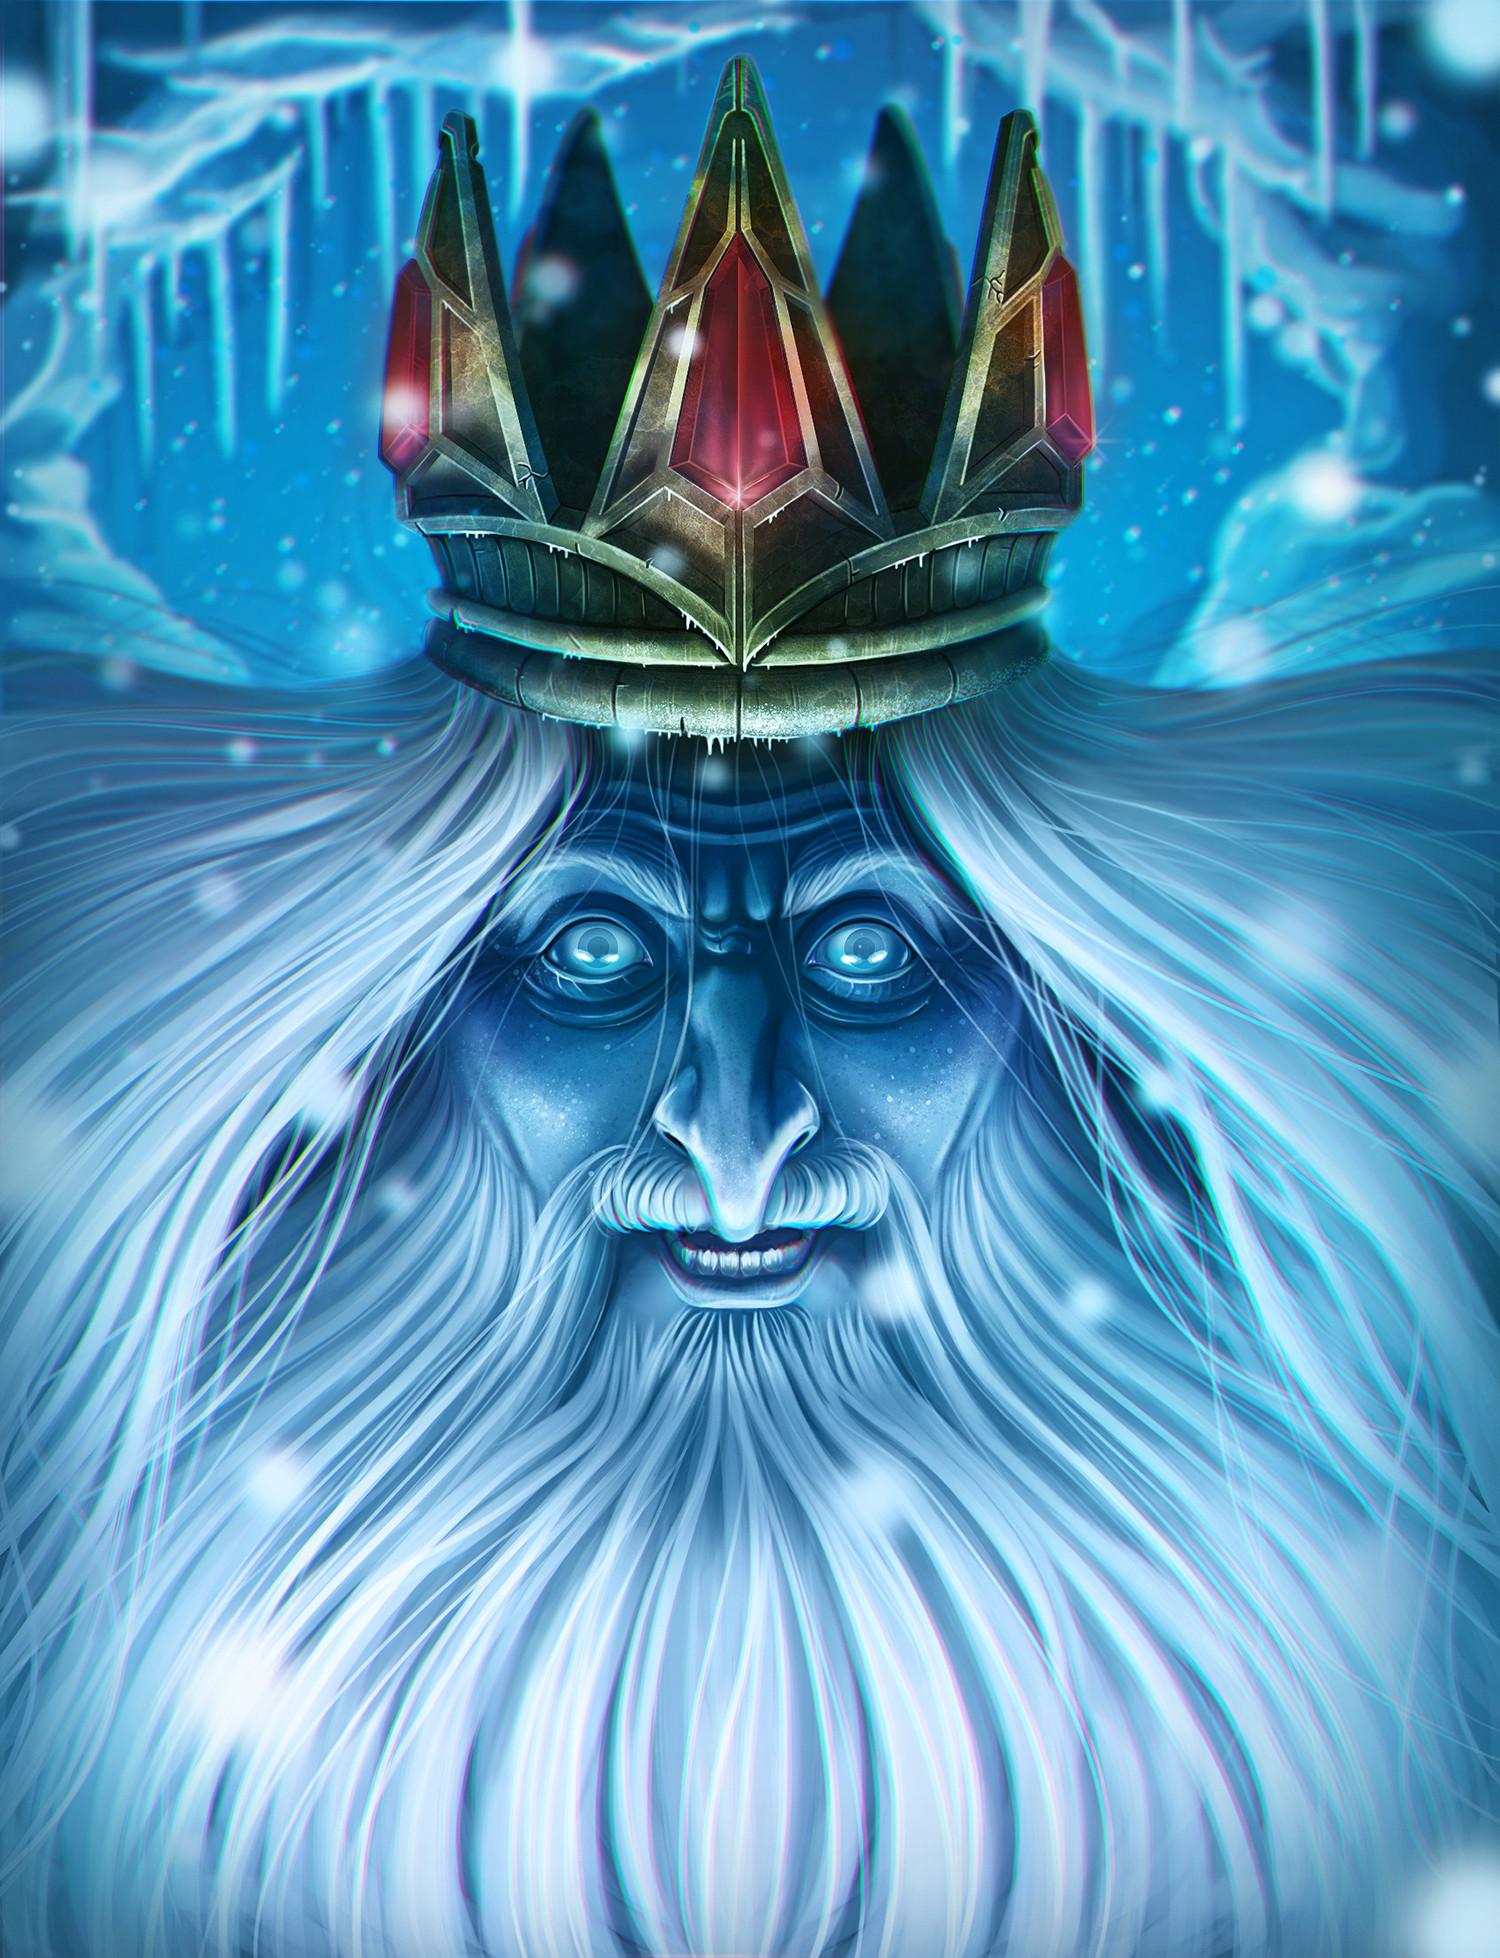 картинка ледяного короля через три